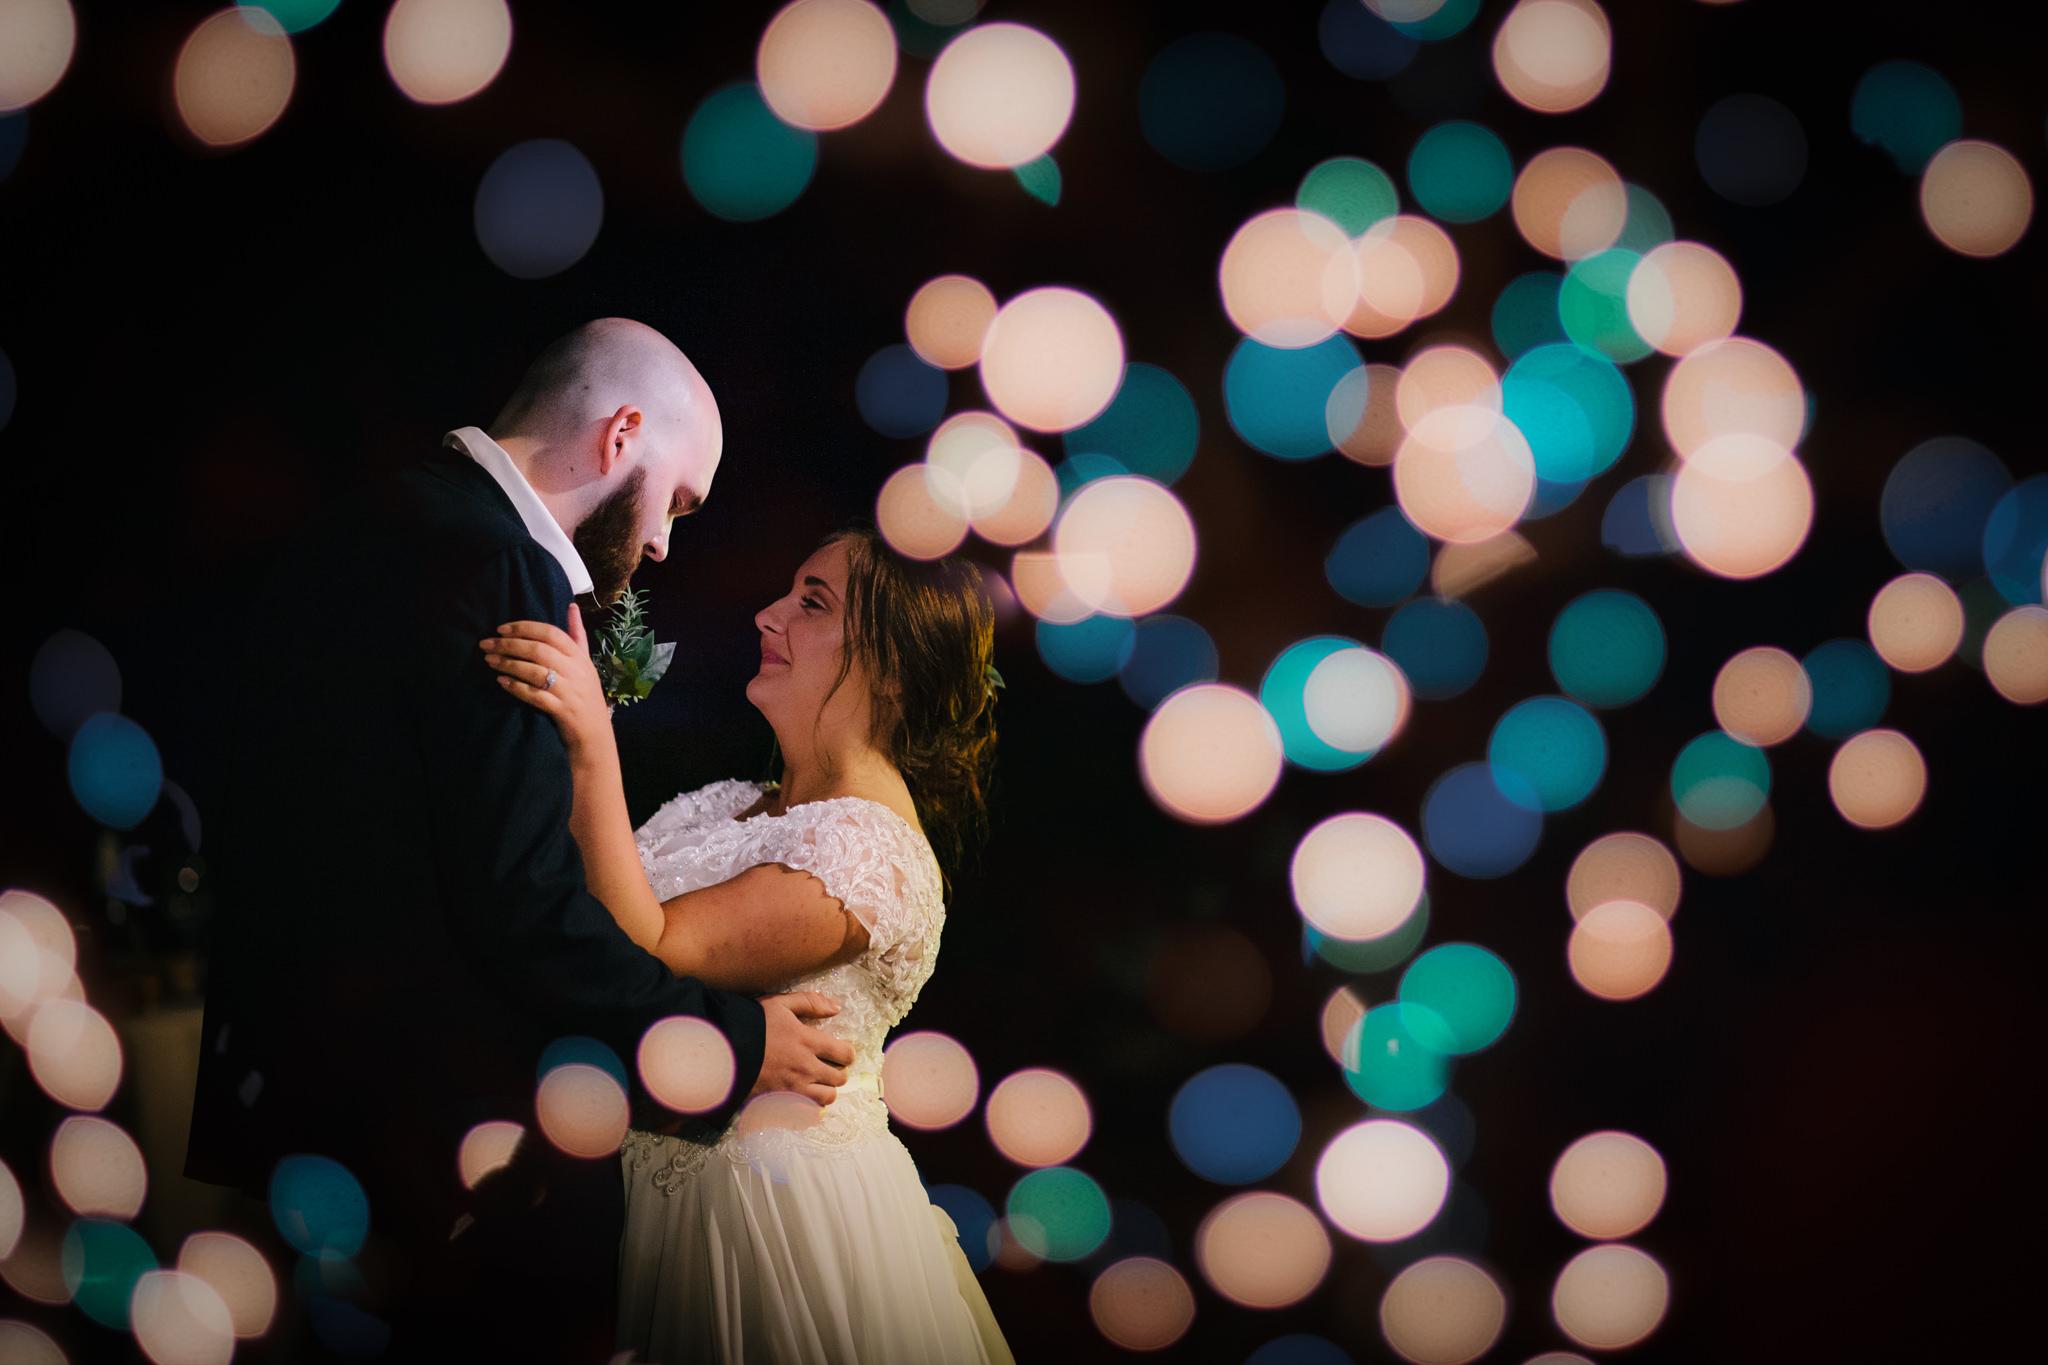 066-2019-04-27-Wedding-Michelle-e-Callum-85mm-192